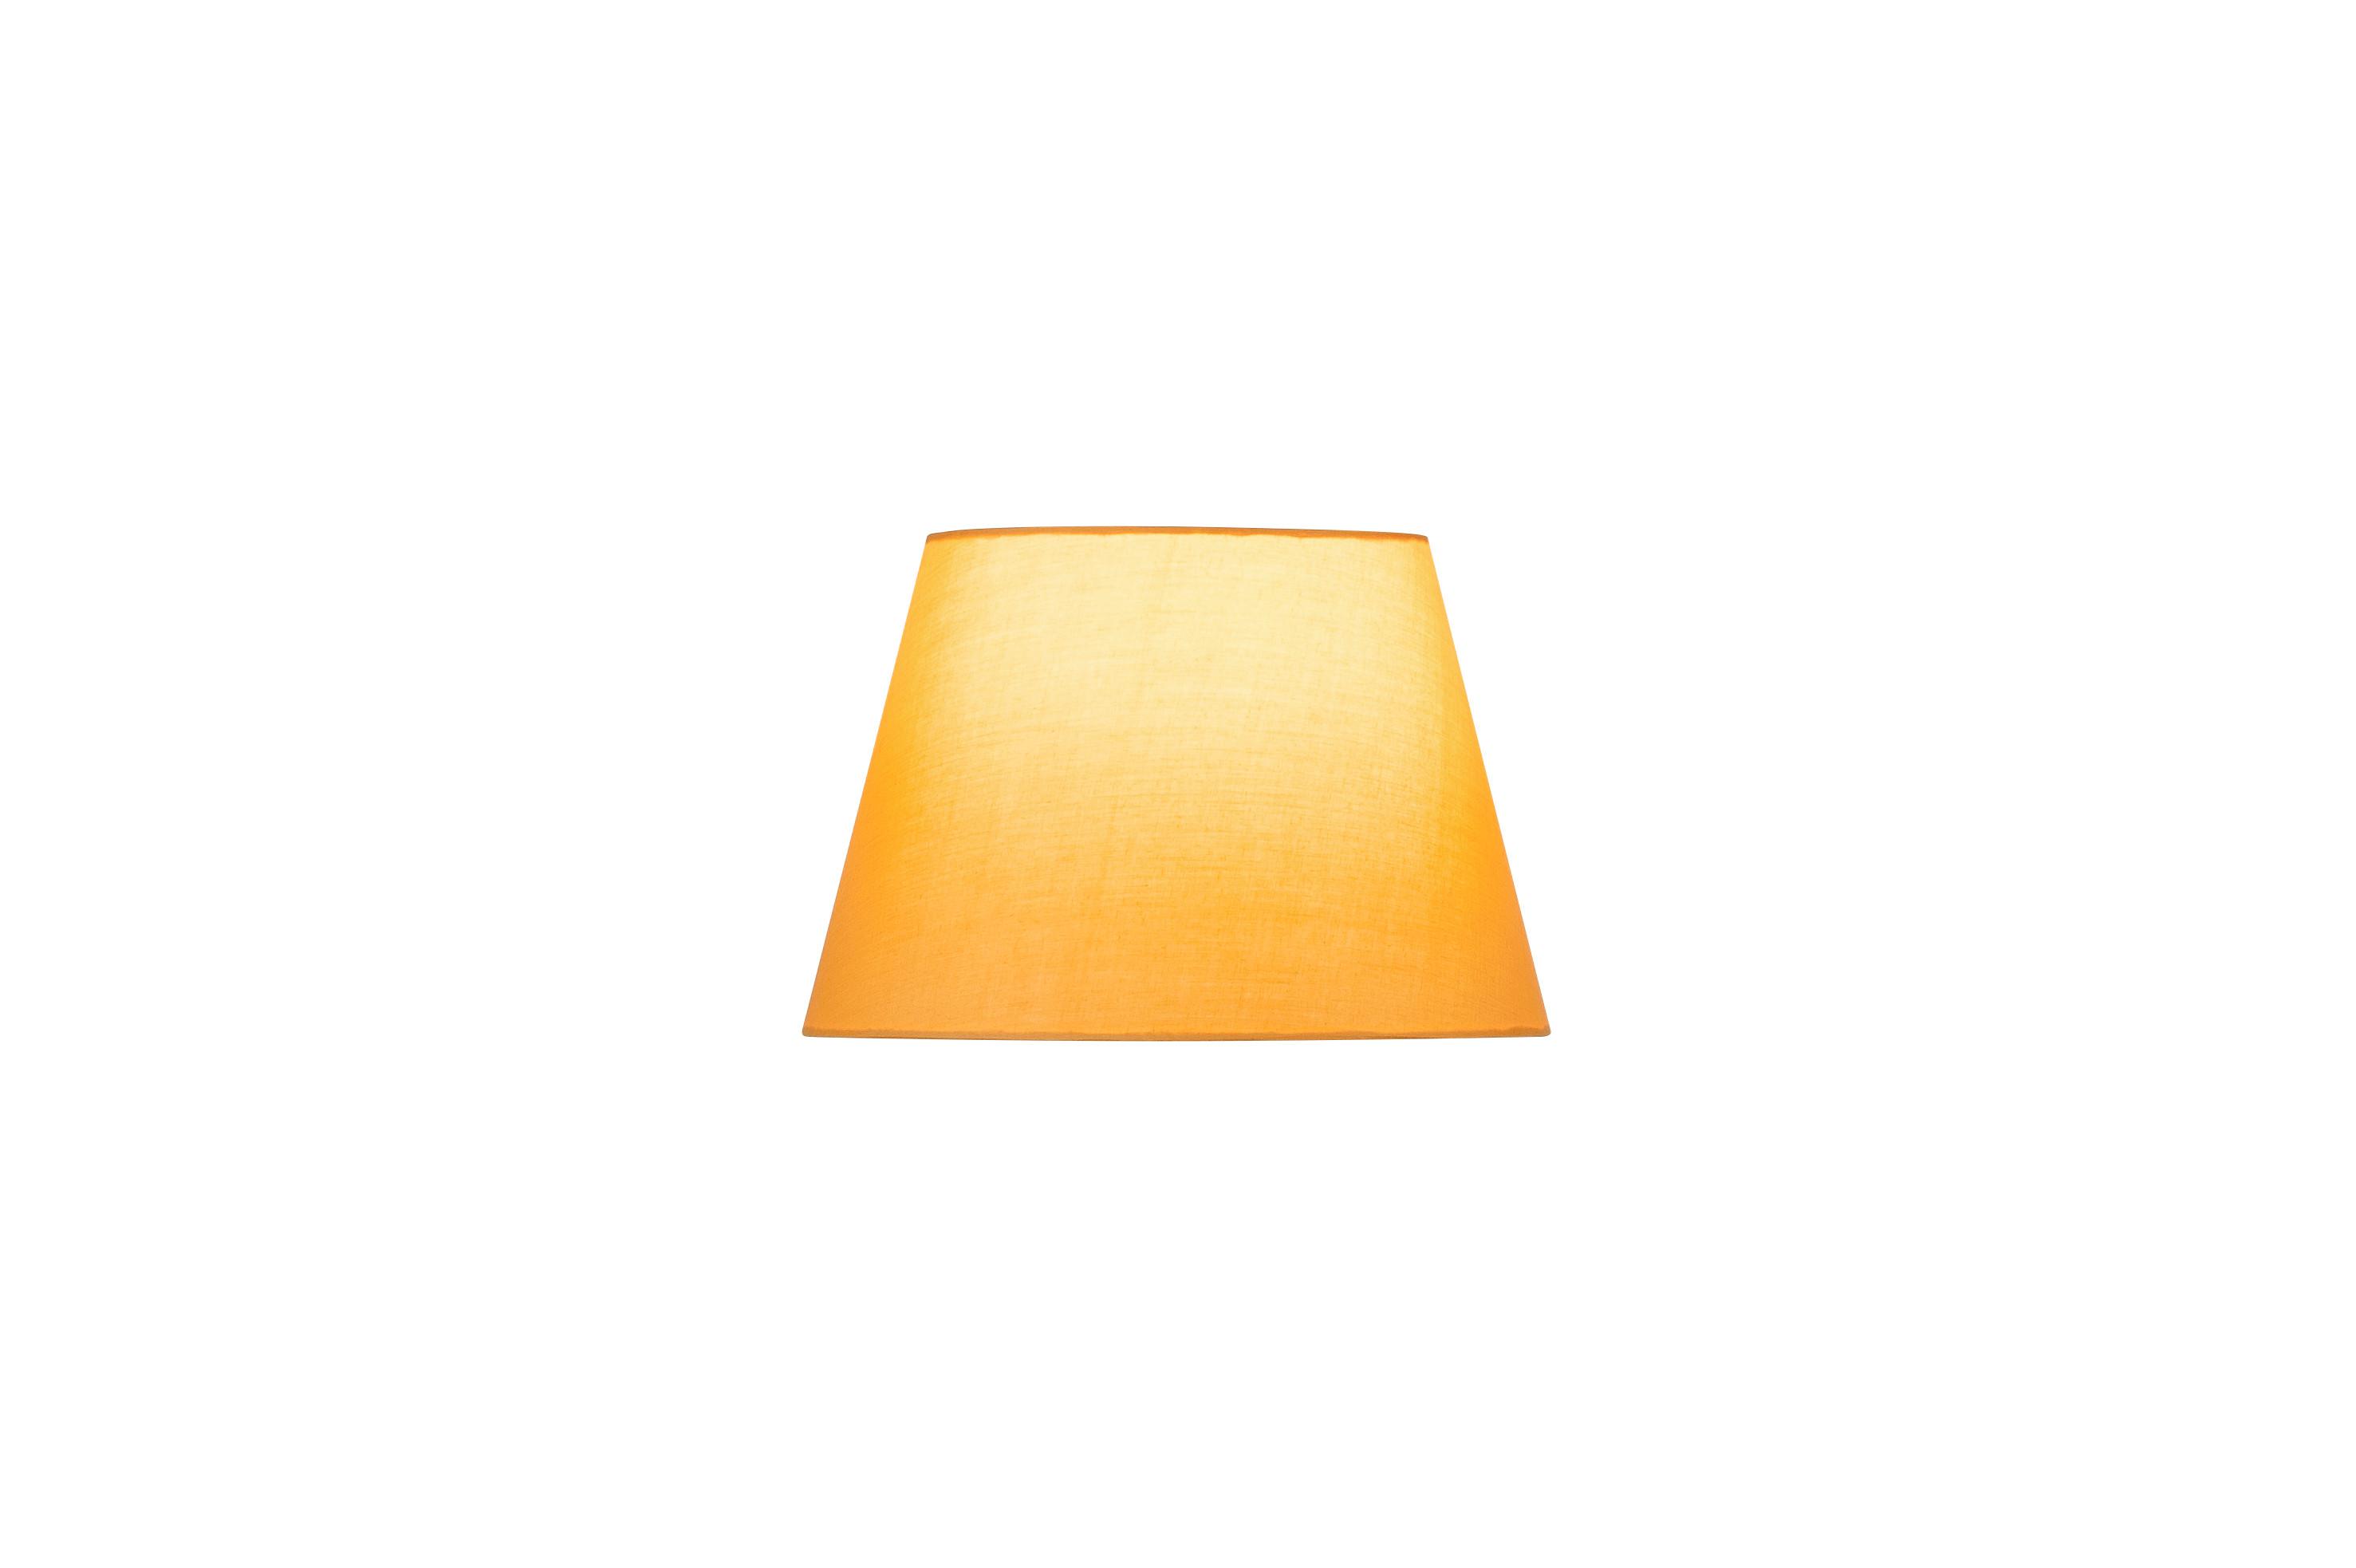 1 Stk FENDA, Leuchtenschirm, konisch, gelb, Ø/H 30/20 cm LI156164--